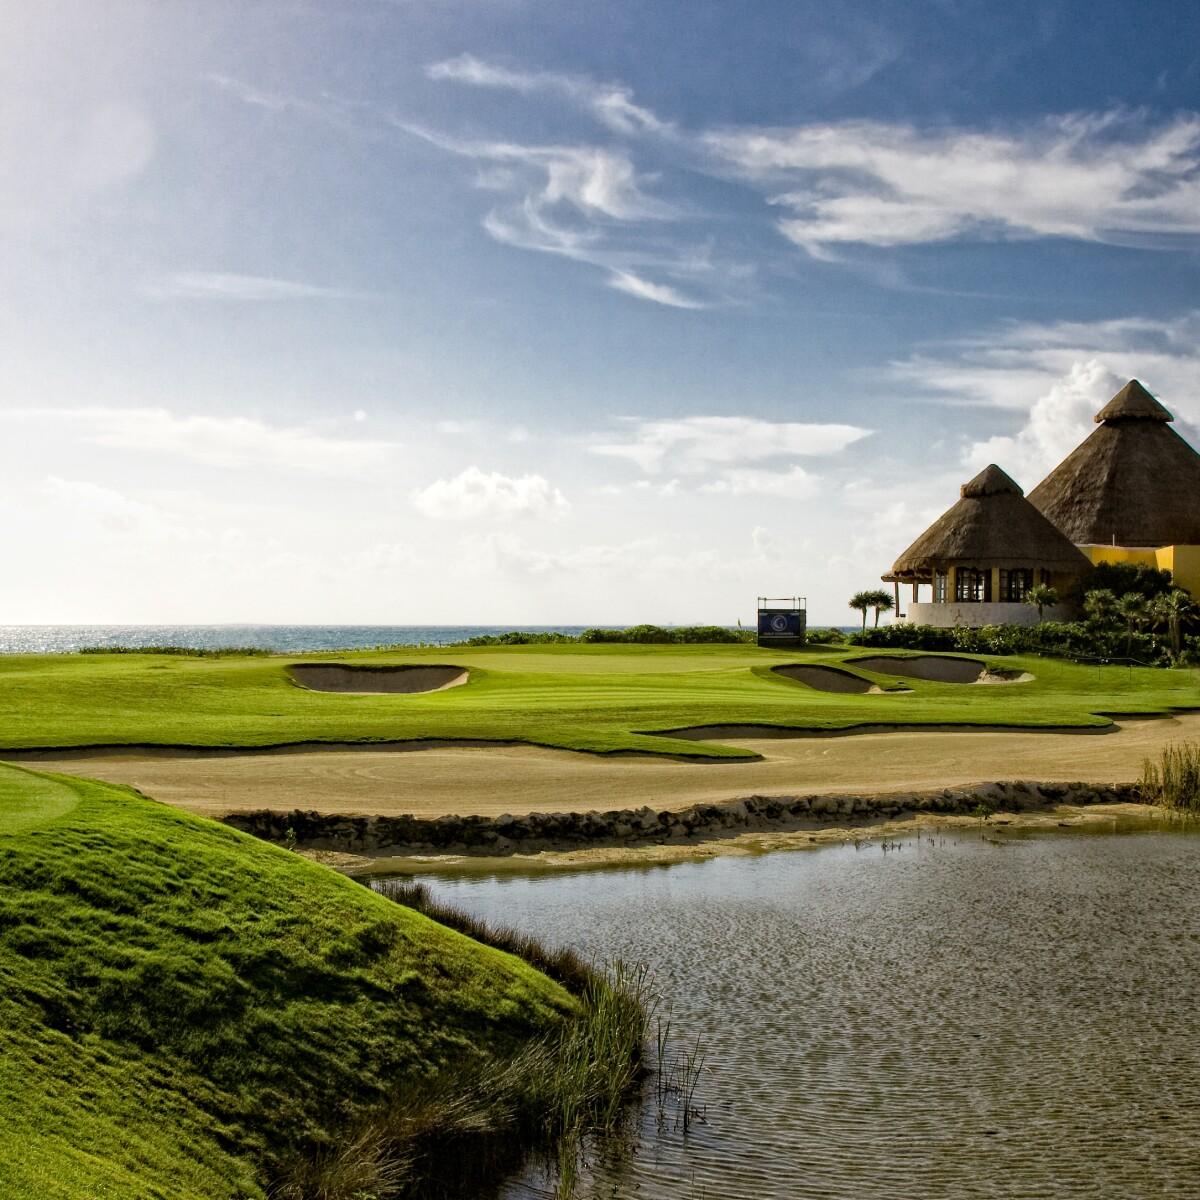 Cancun/Riviera Maya, Mexico Golf Vacation